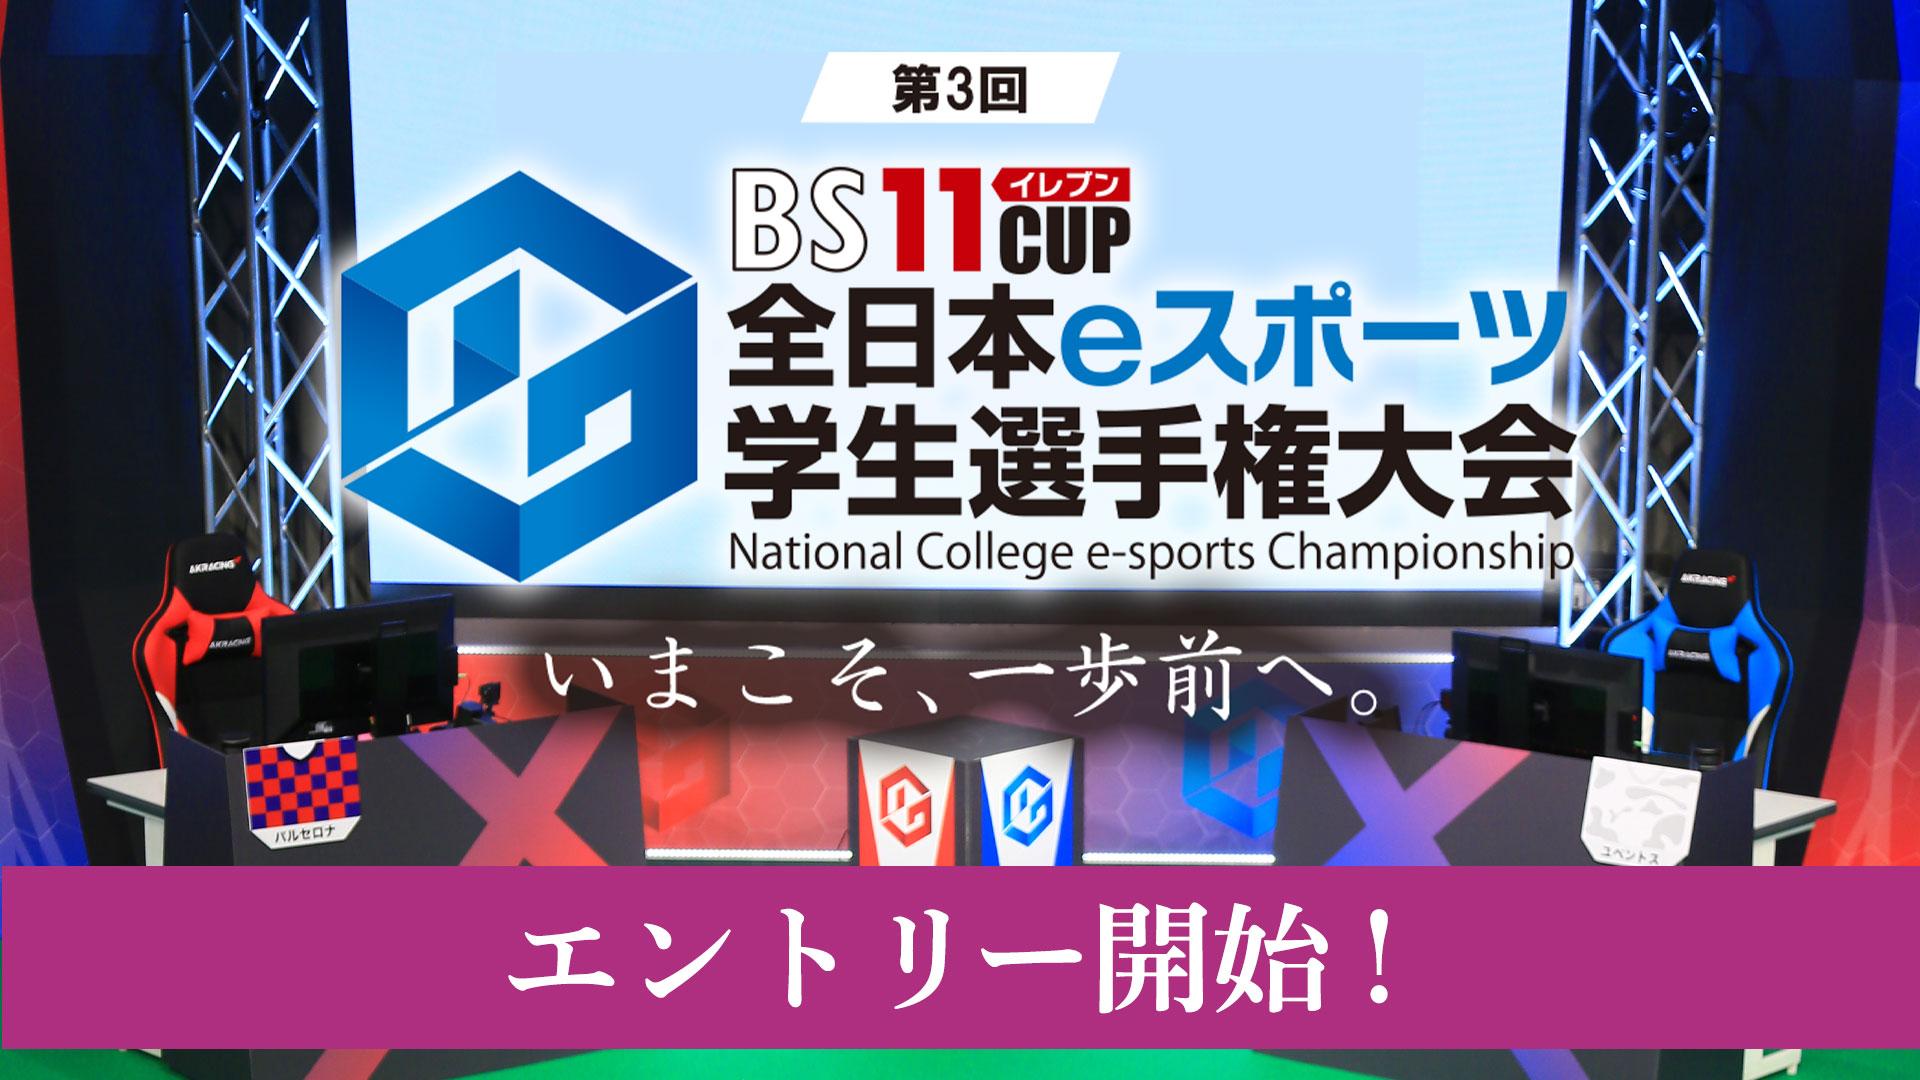 BS11cup 全日本eスポーツ学生選手権大会 2020